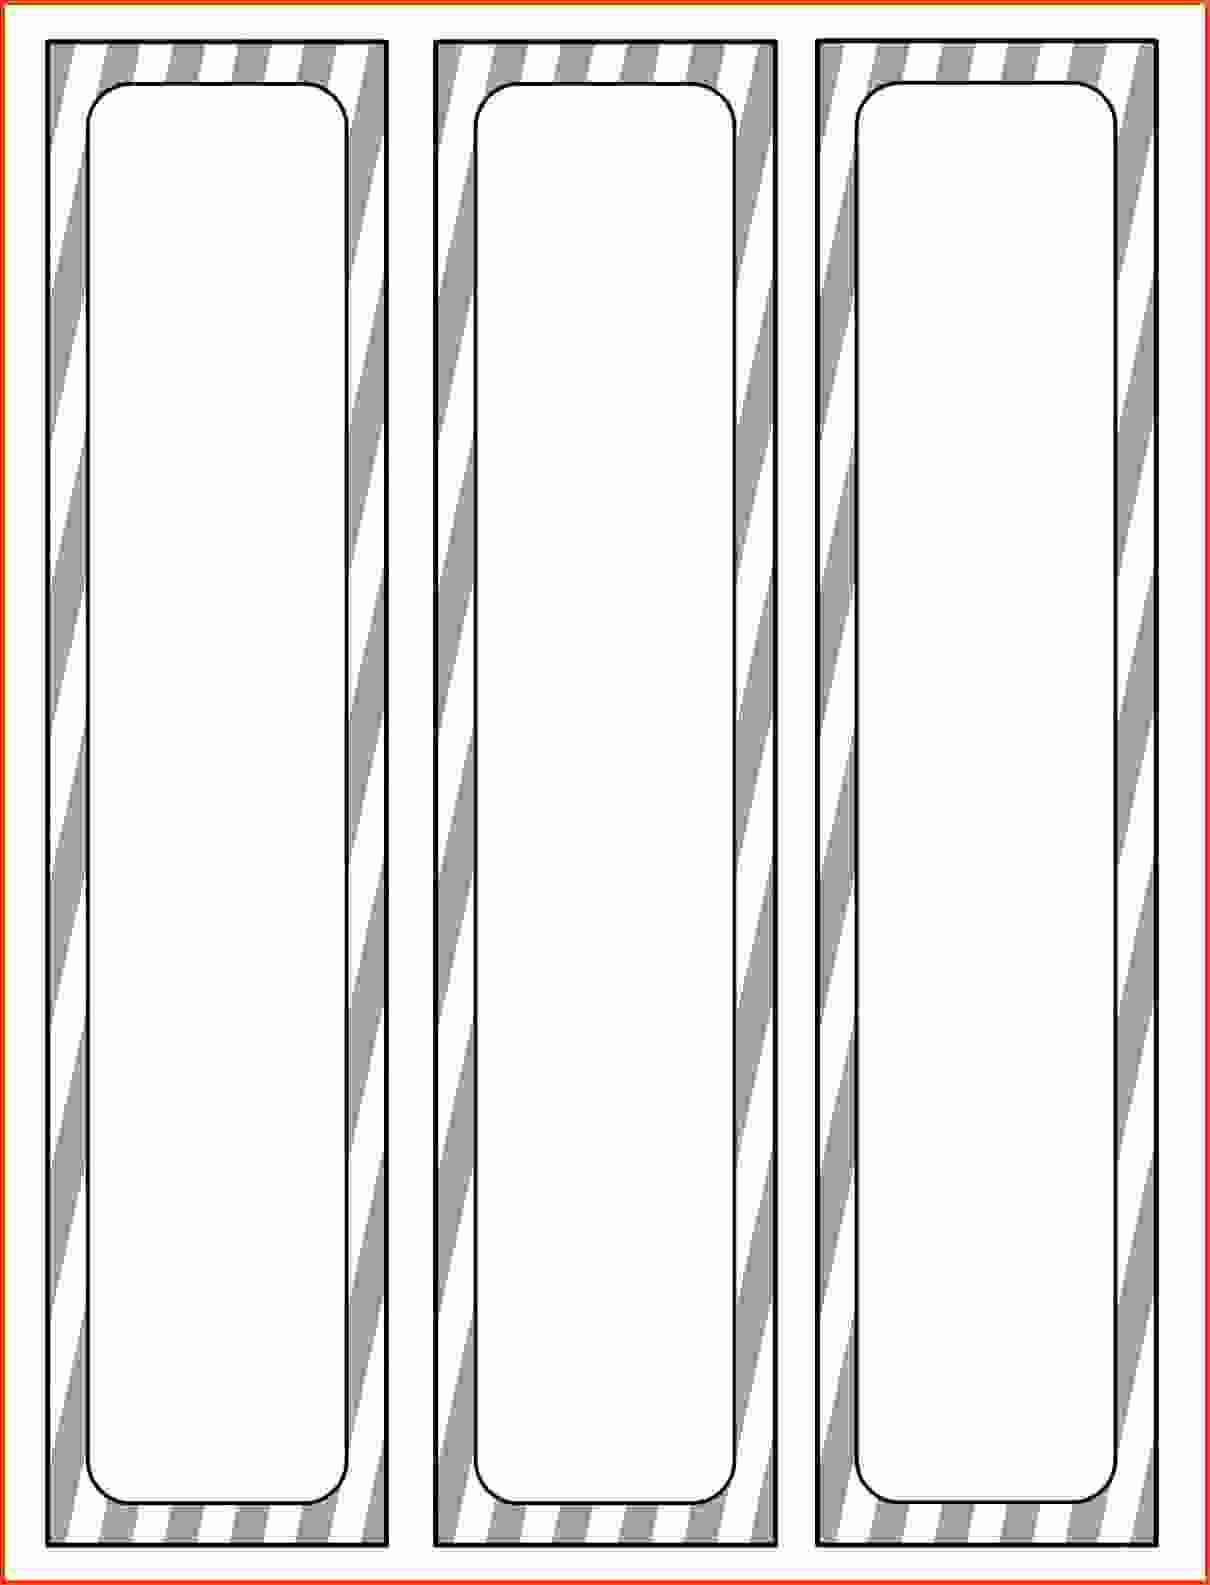 008 Binder Spine Template Inch Singular 1 Ideas Avery 1/2 Pertaining To 3 Inch Binder Spine Template Word